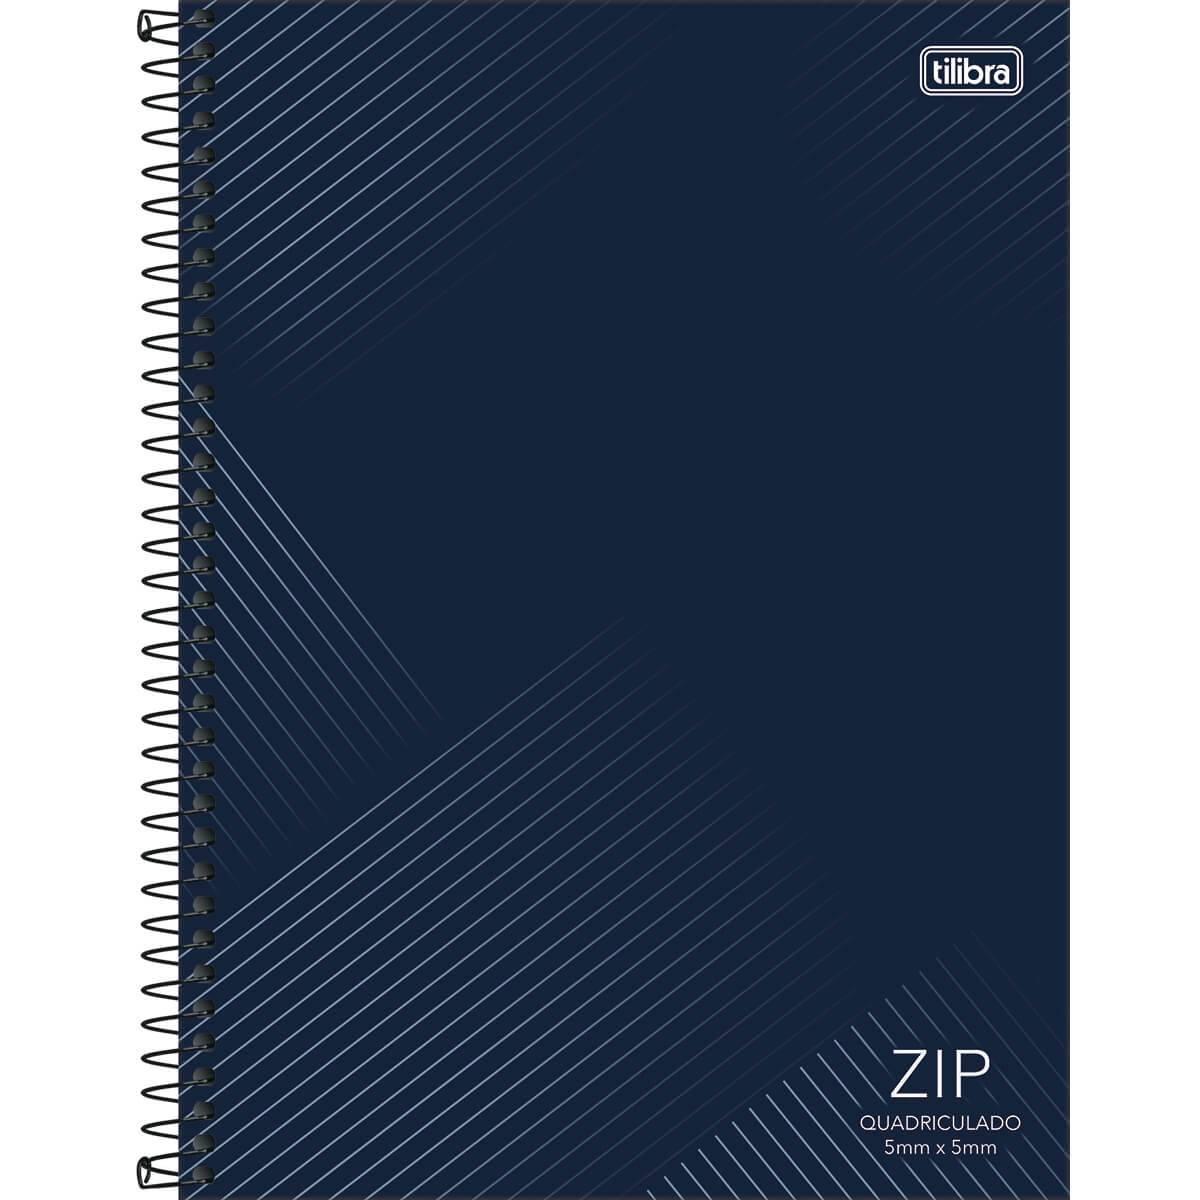 Caderno Espiral Capa Dura Universitário Quadriculado 5x5mm Zip 96 Fls - Tilibra